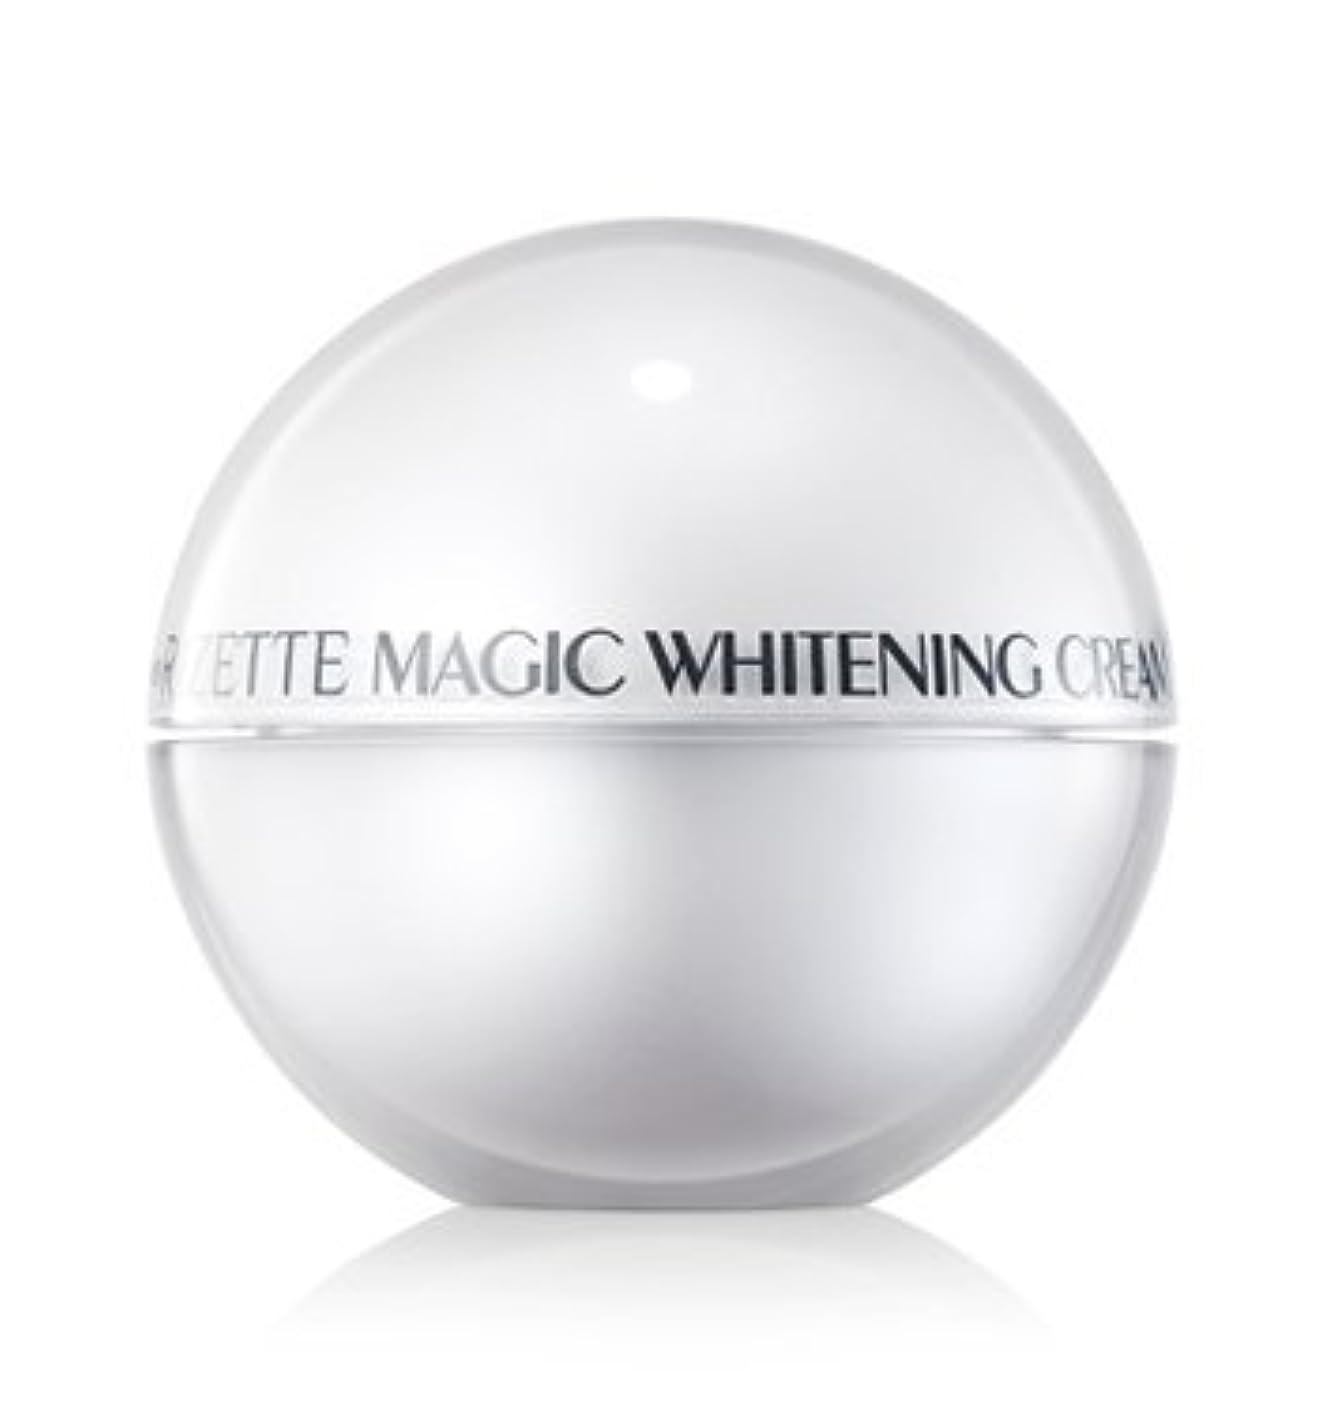 さておき政治的不道徳リオエリ(Lioele) Rizette マジック ホワイトニング クリーム プラス/ Lioele Rizette Magic Whitening Cream Plus[並行輸入品]